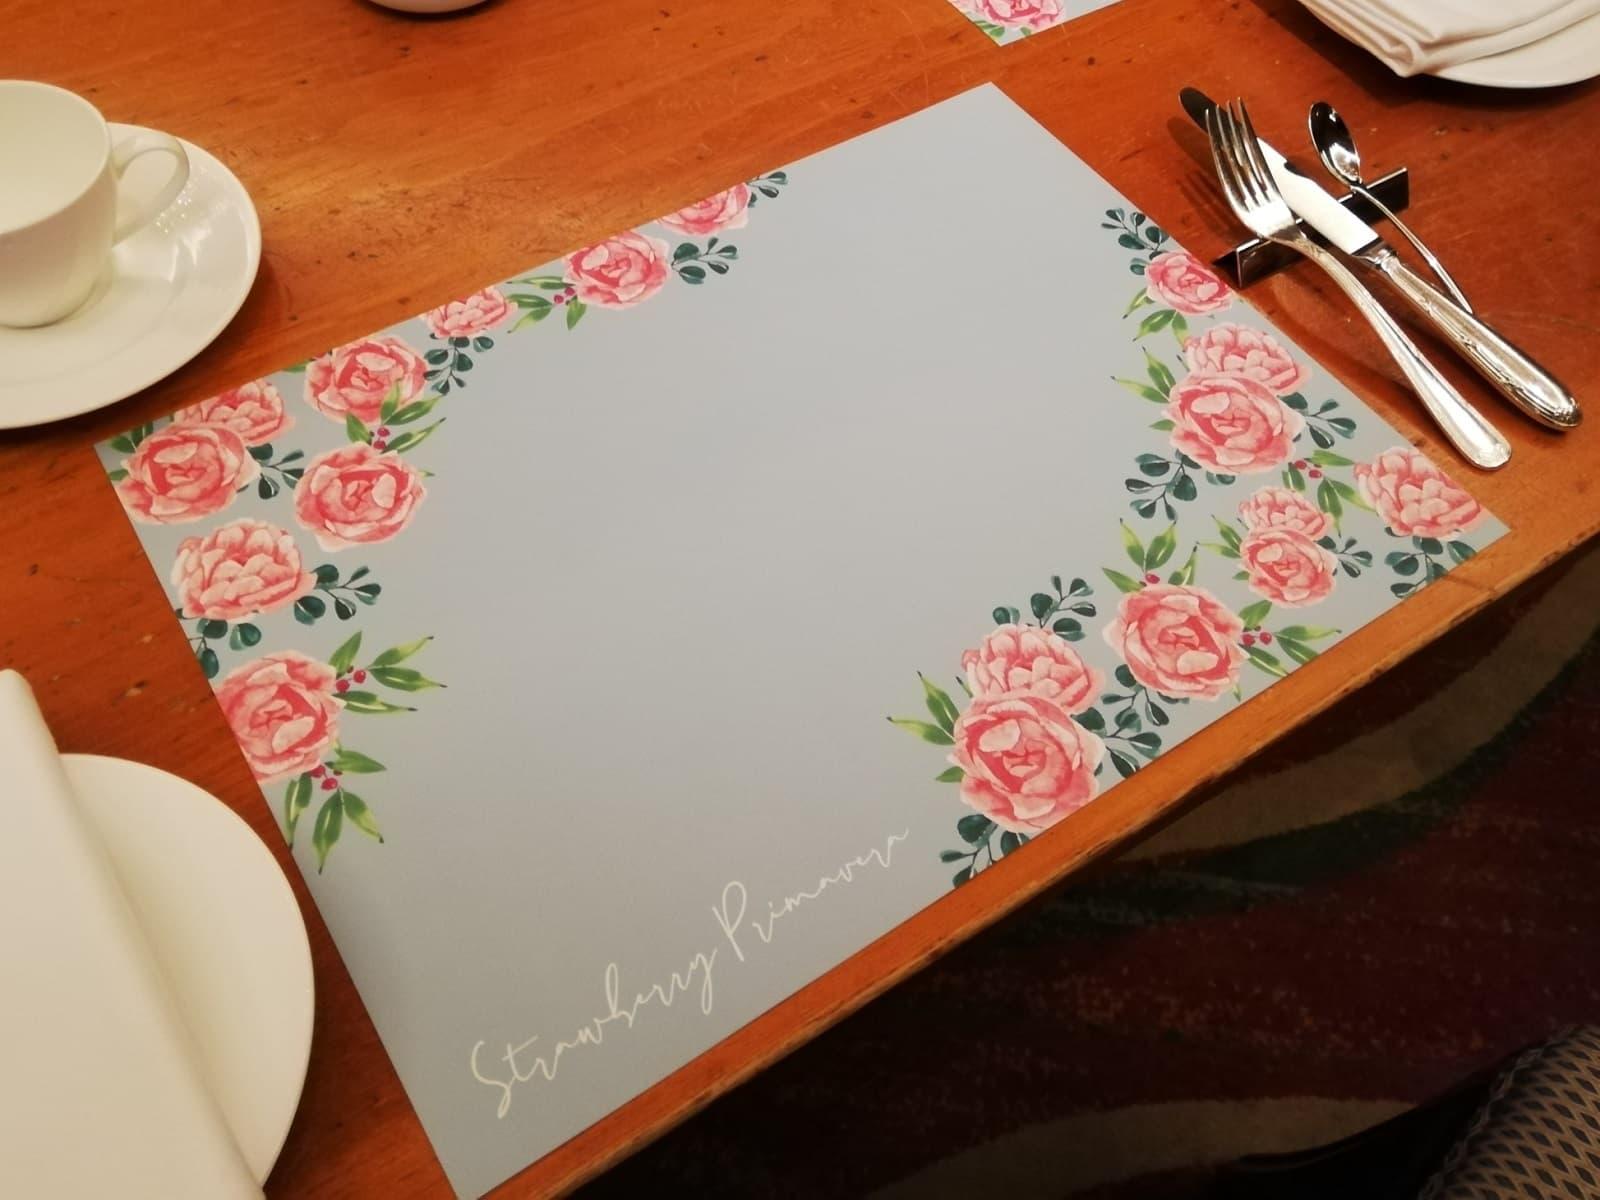 2021年のザ・リッツ・カールトン大阪のいちごビュッフェのテーブルの様子